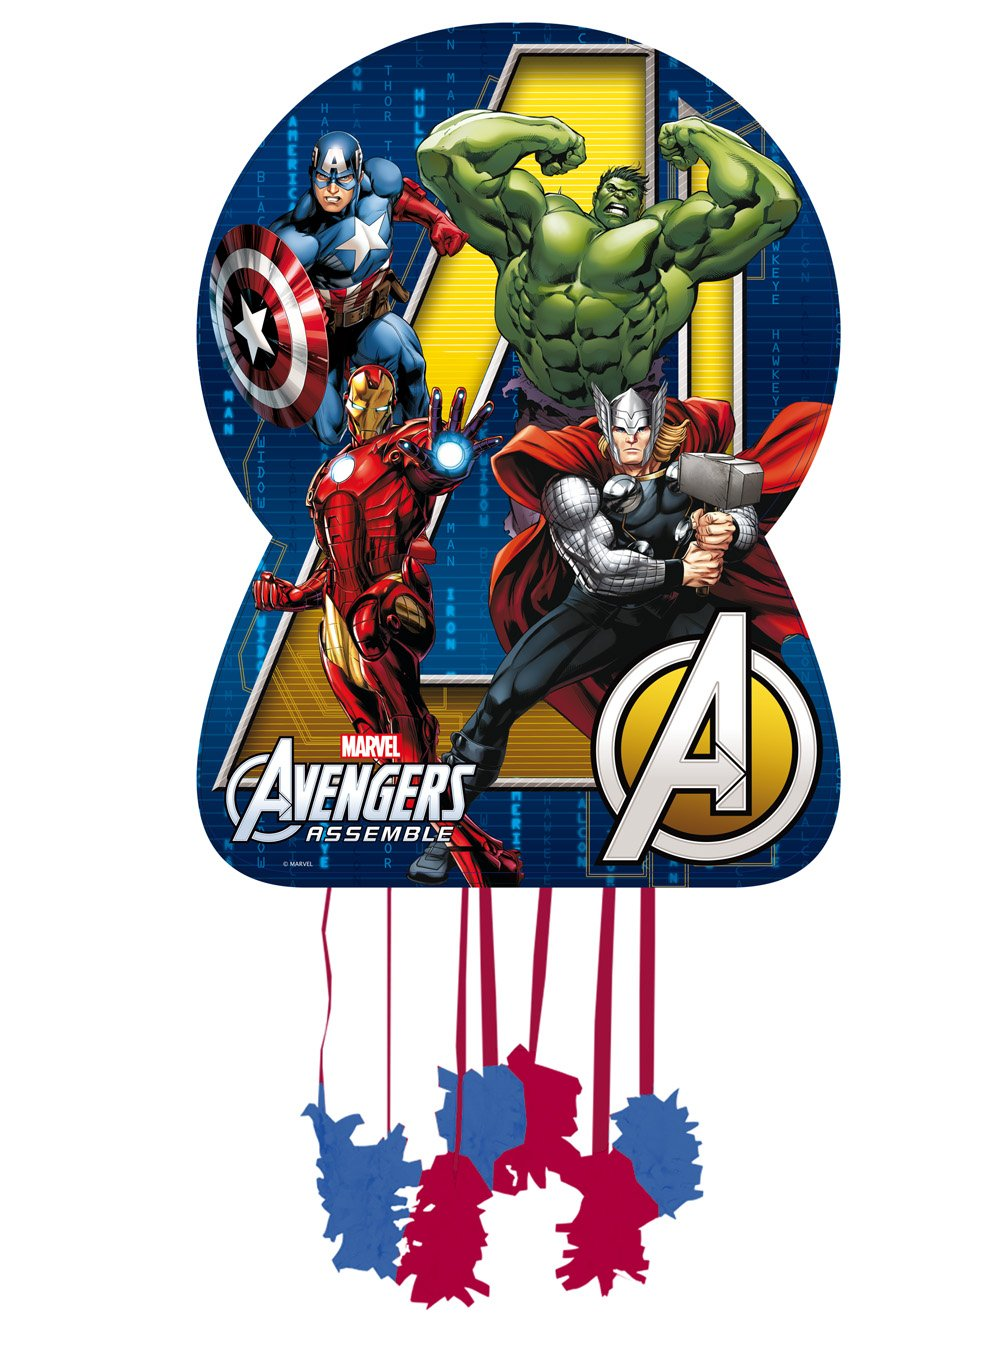 Los Vengadores - Piñata silueta, 46x65 cm para cumpleaños y celebraciones(Verbetena 014300053)